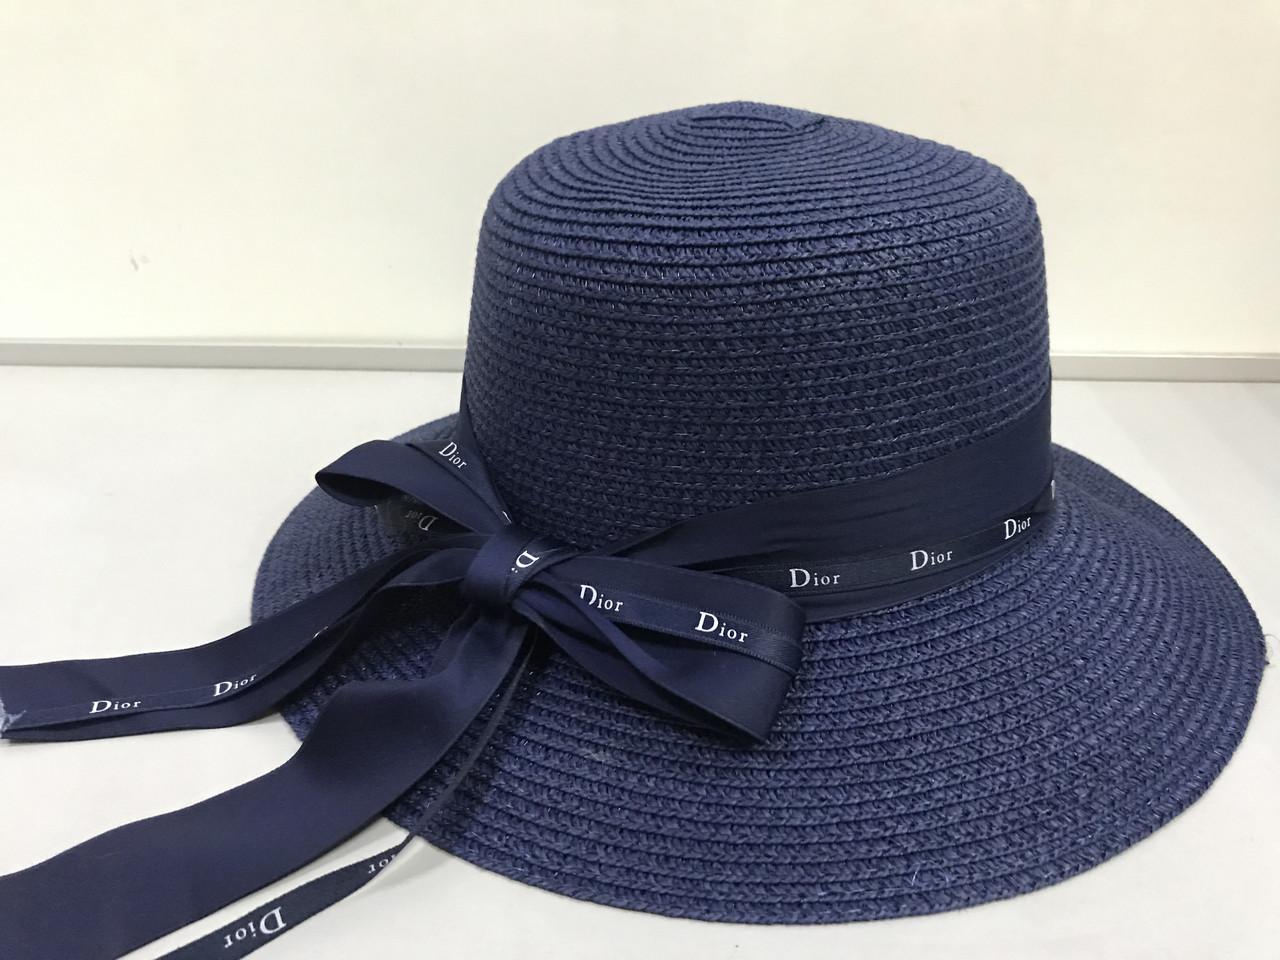 Шляпа  синяя и бежевая из рисовой соломки с бантом и лентой с брендовой надписью